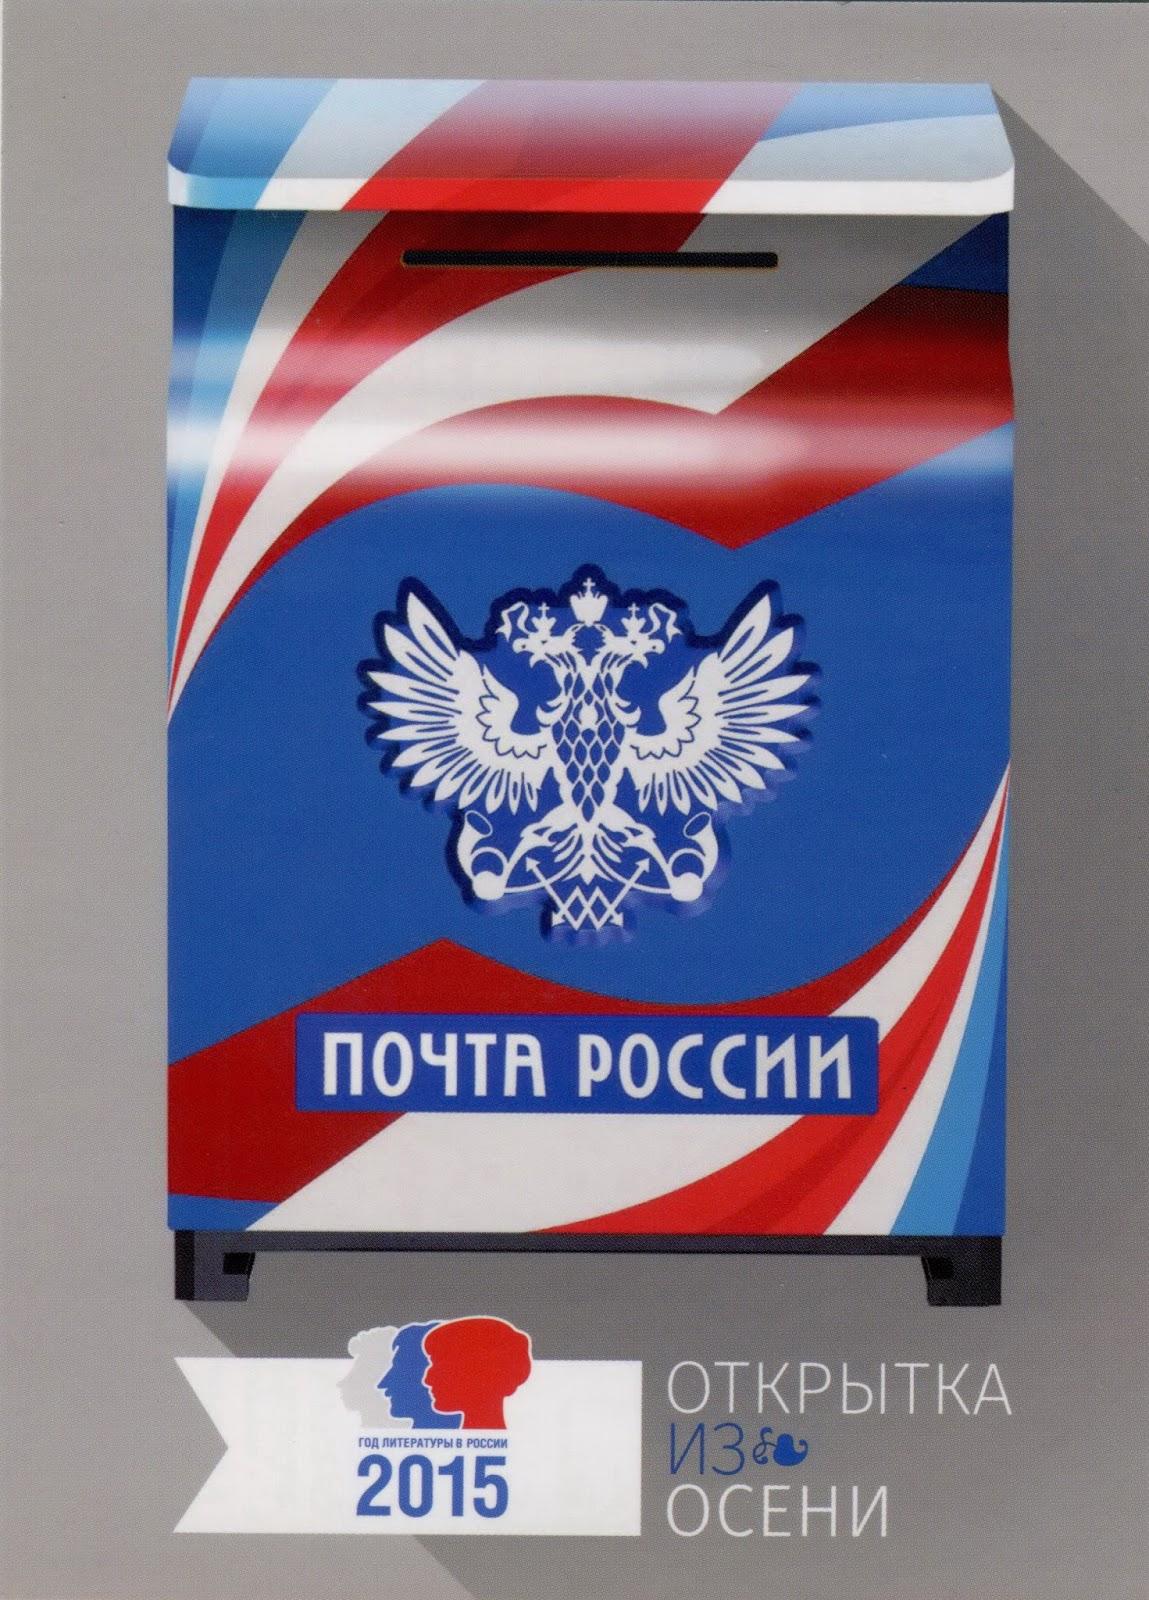 Картинки, музыкальная открытка через почту россии